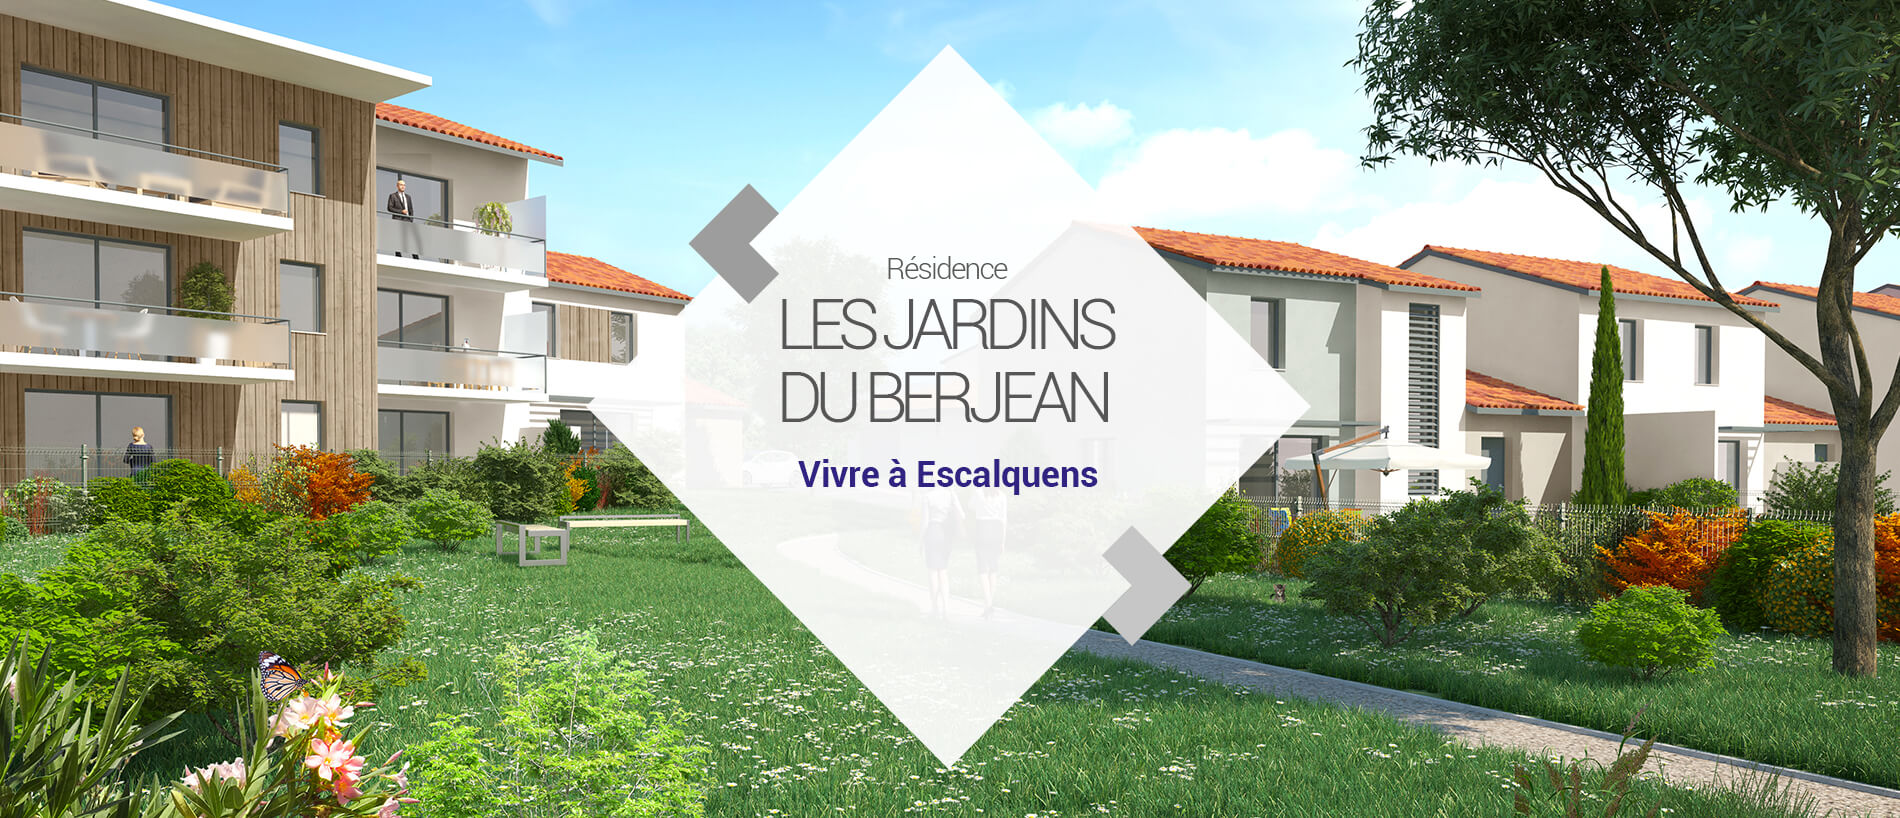 BG Promotion - Slide Vidéo 3D - Les Jardins du Berjean